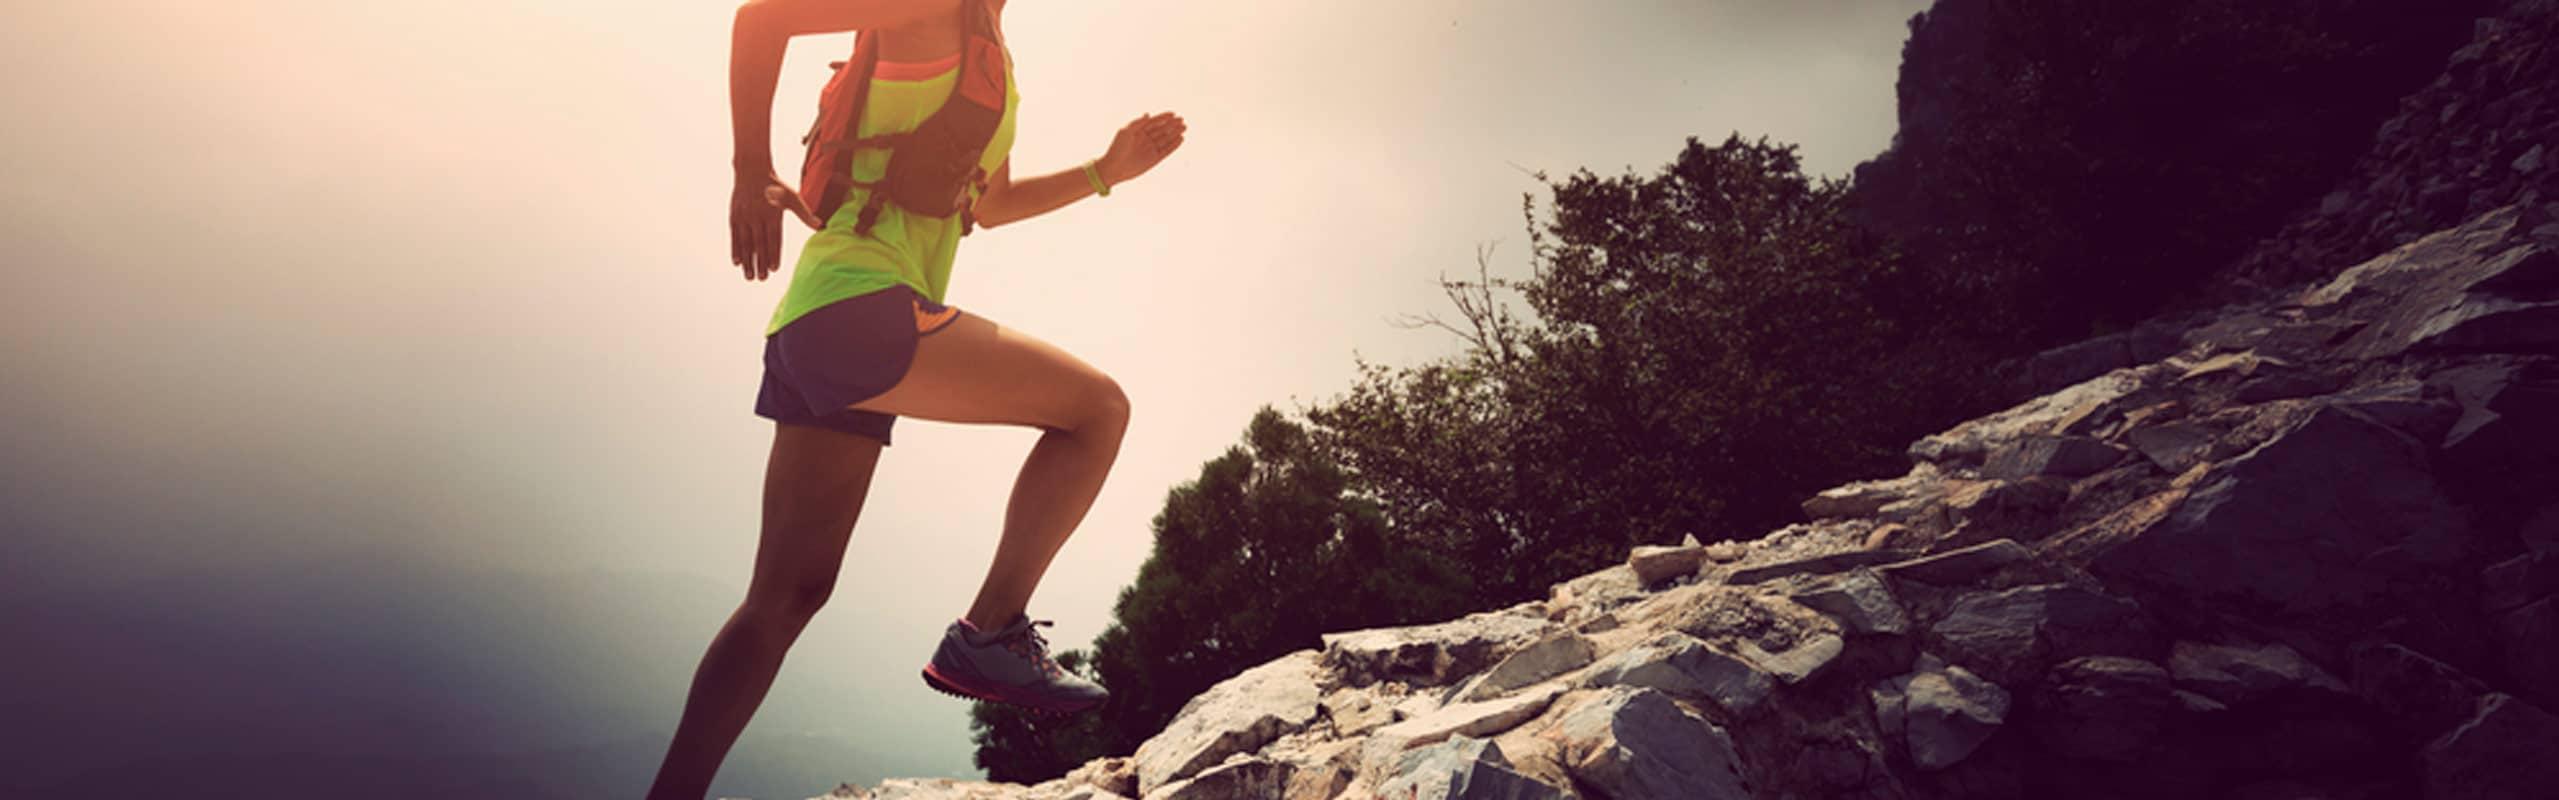 Descubre la motivación deportiva y cómo puedes conseguirla